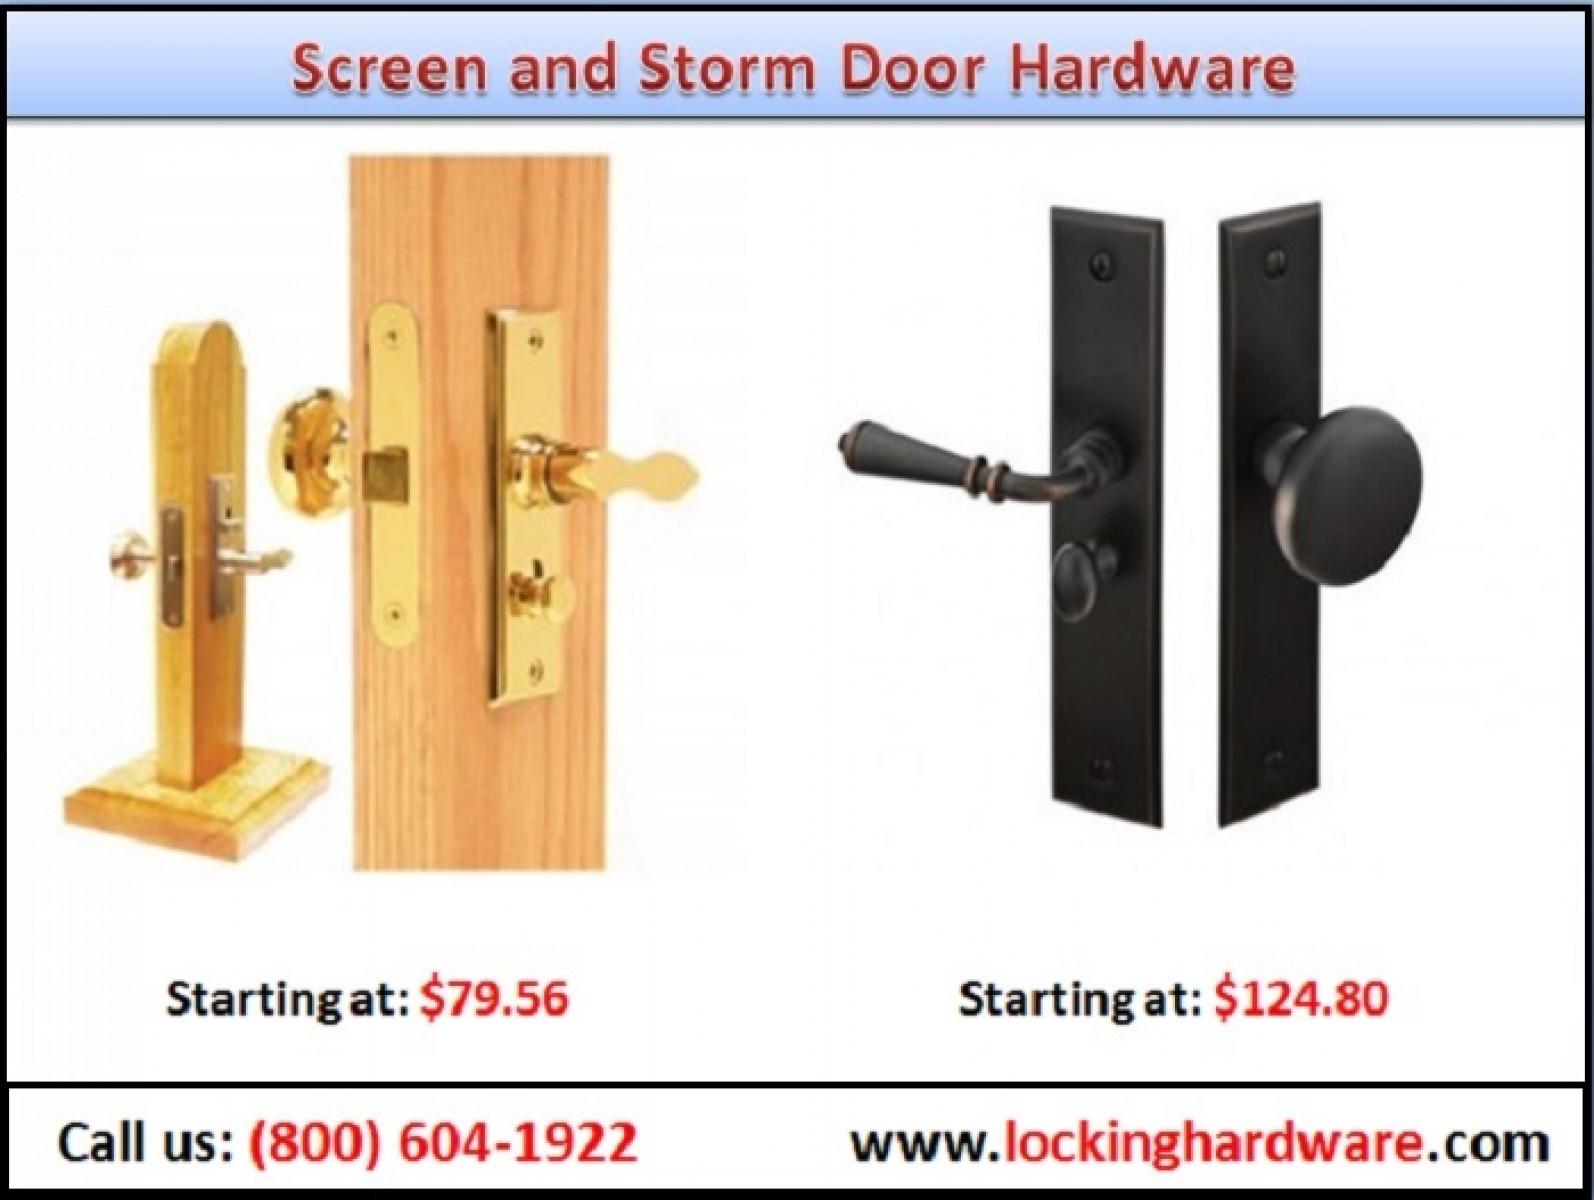 Screen And Storm Door Hardware Door Lockset Call Us 800 604